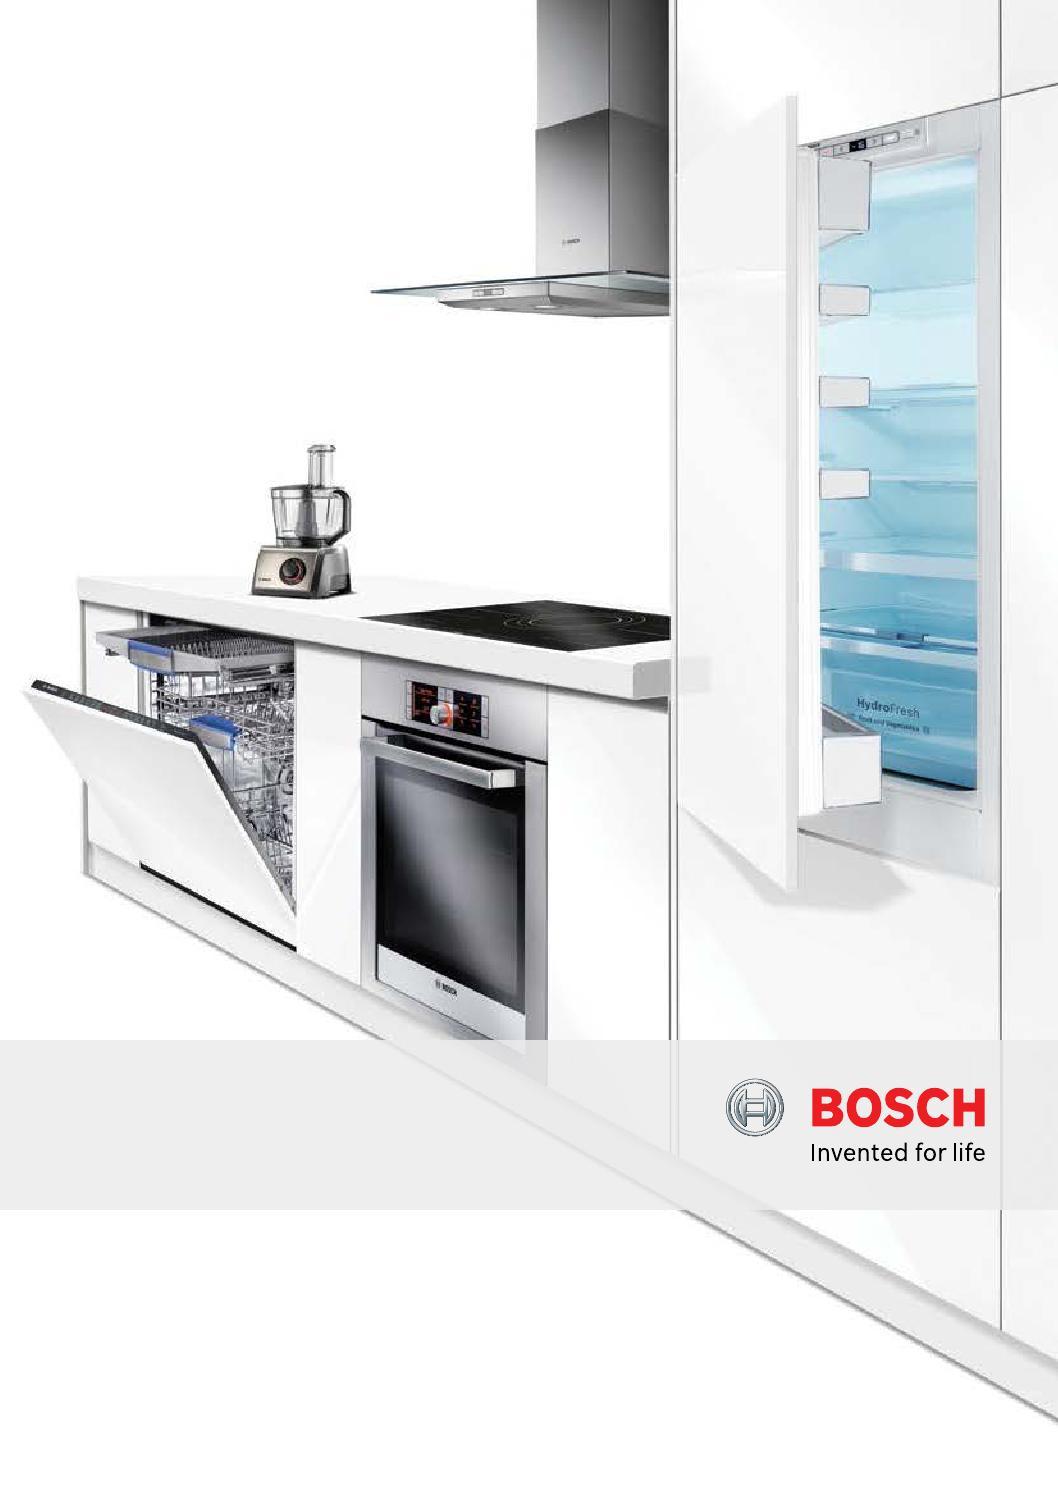 bosch built in brochure 2013 by jonny platt issuu. Black Bedroom Furniture Sets. Home Design Ideas